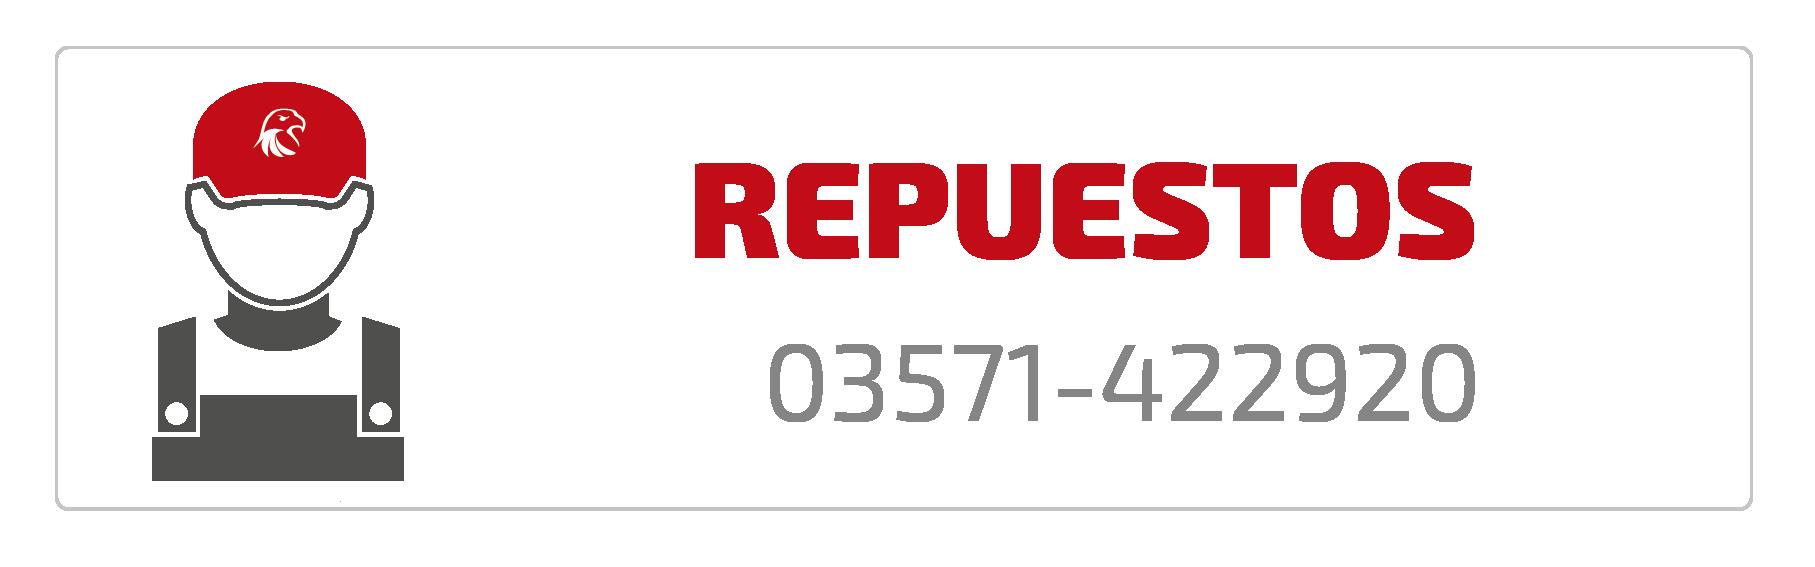 REPUESTOS-01